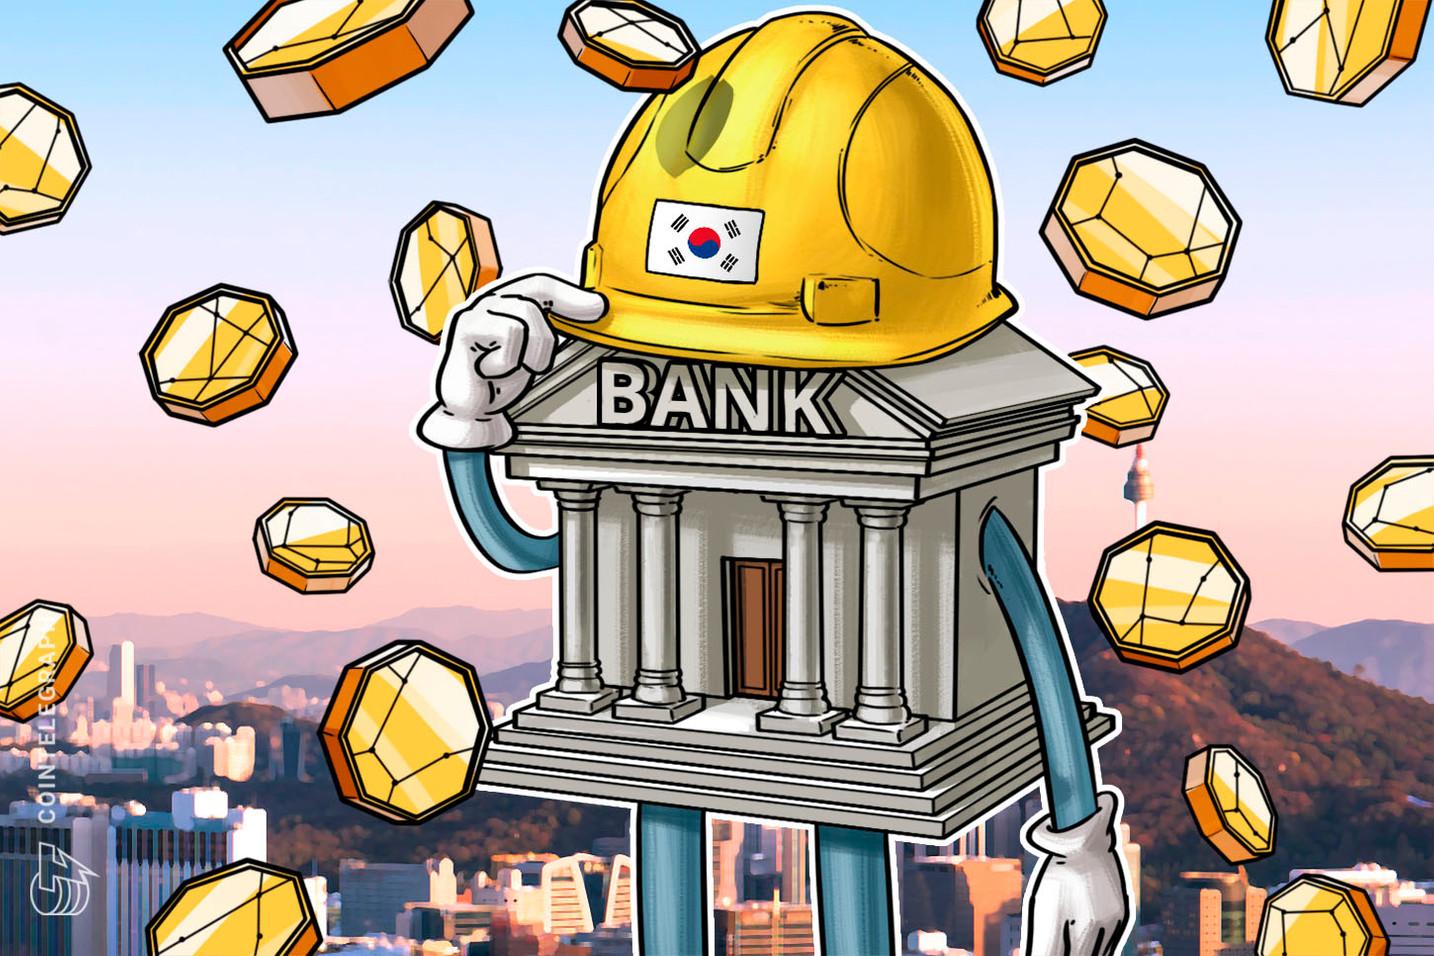 Maior banco coreano aumenta a pressão sobre contas vinculadas à exchanges cripto